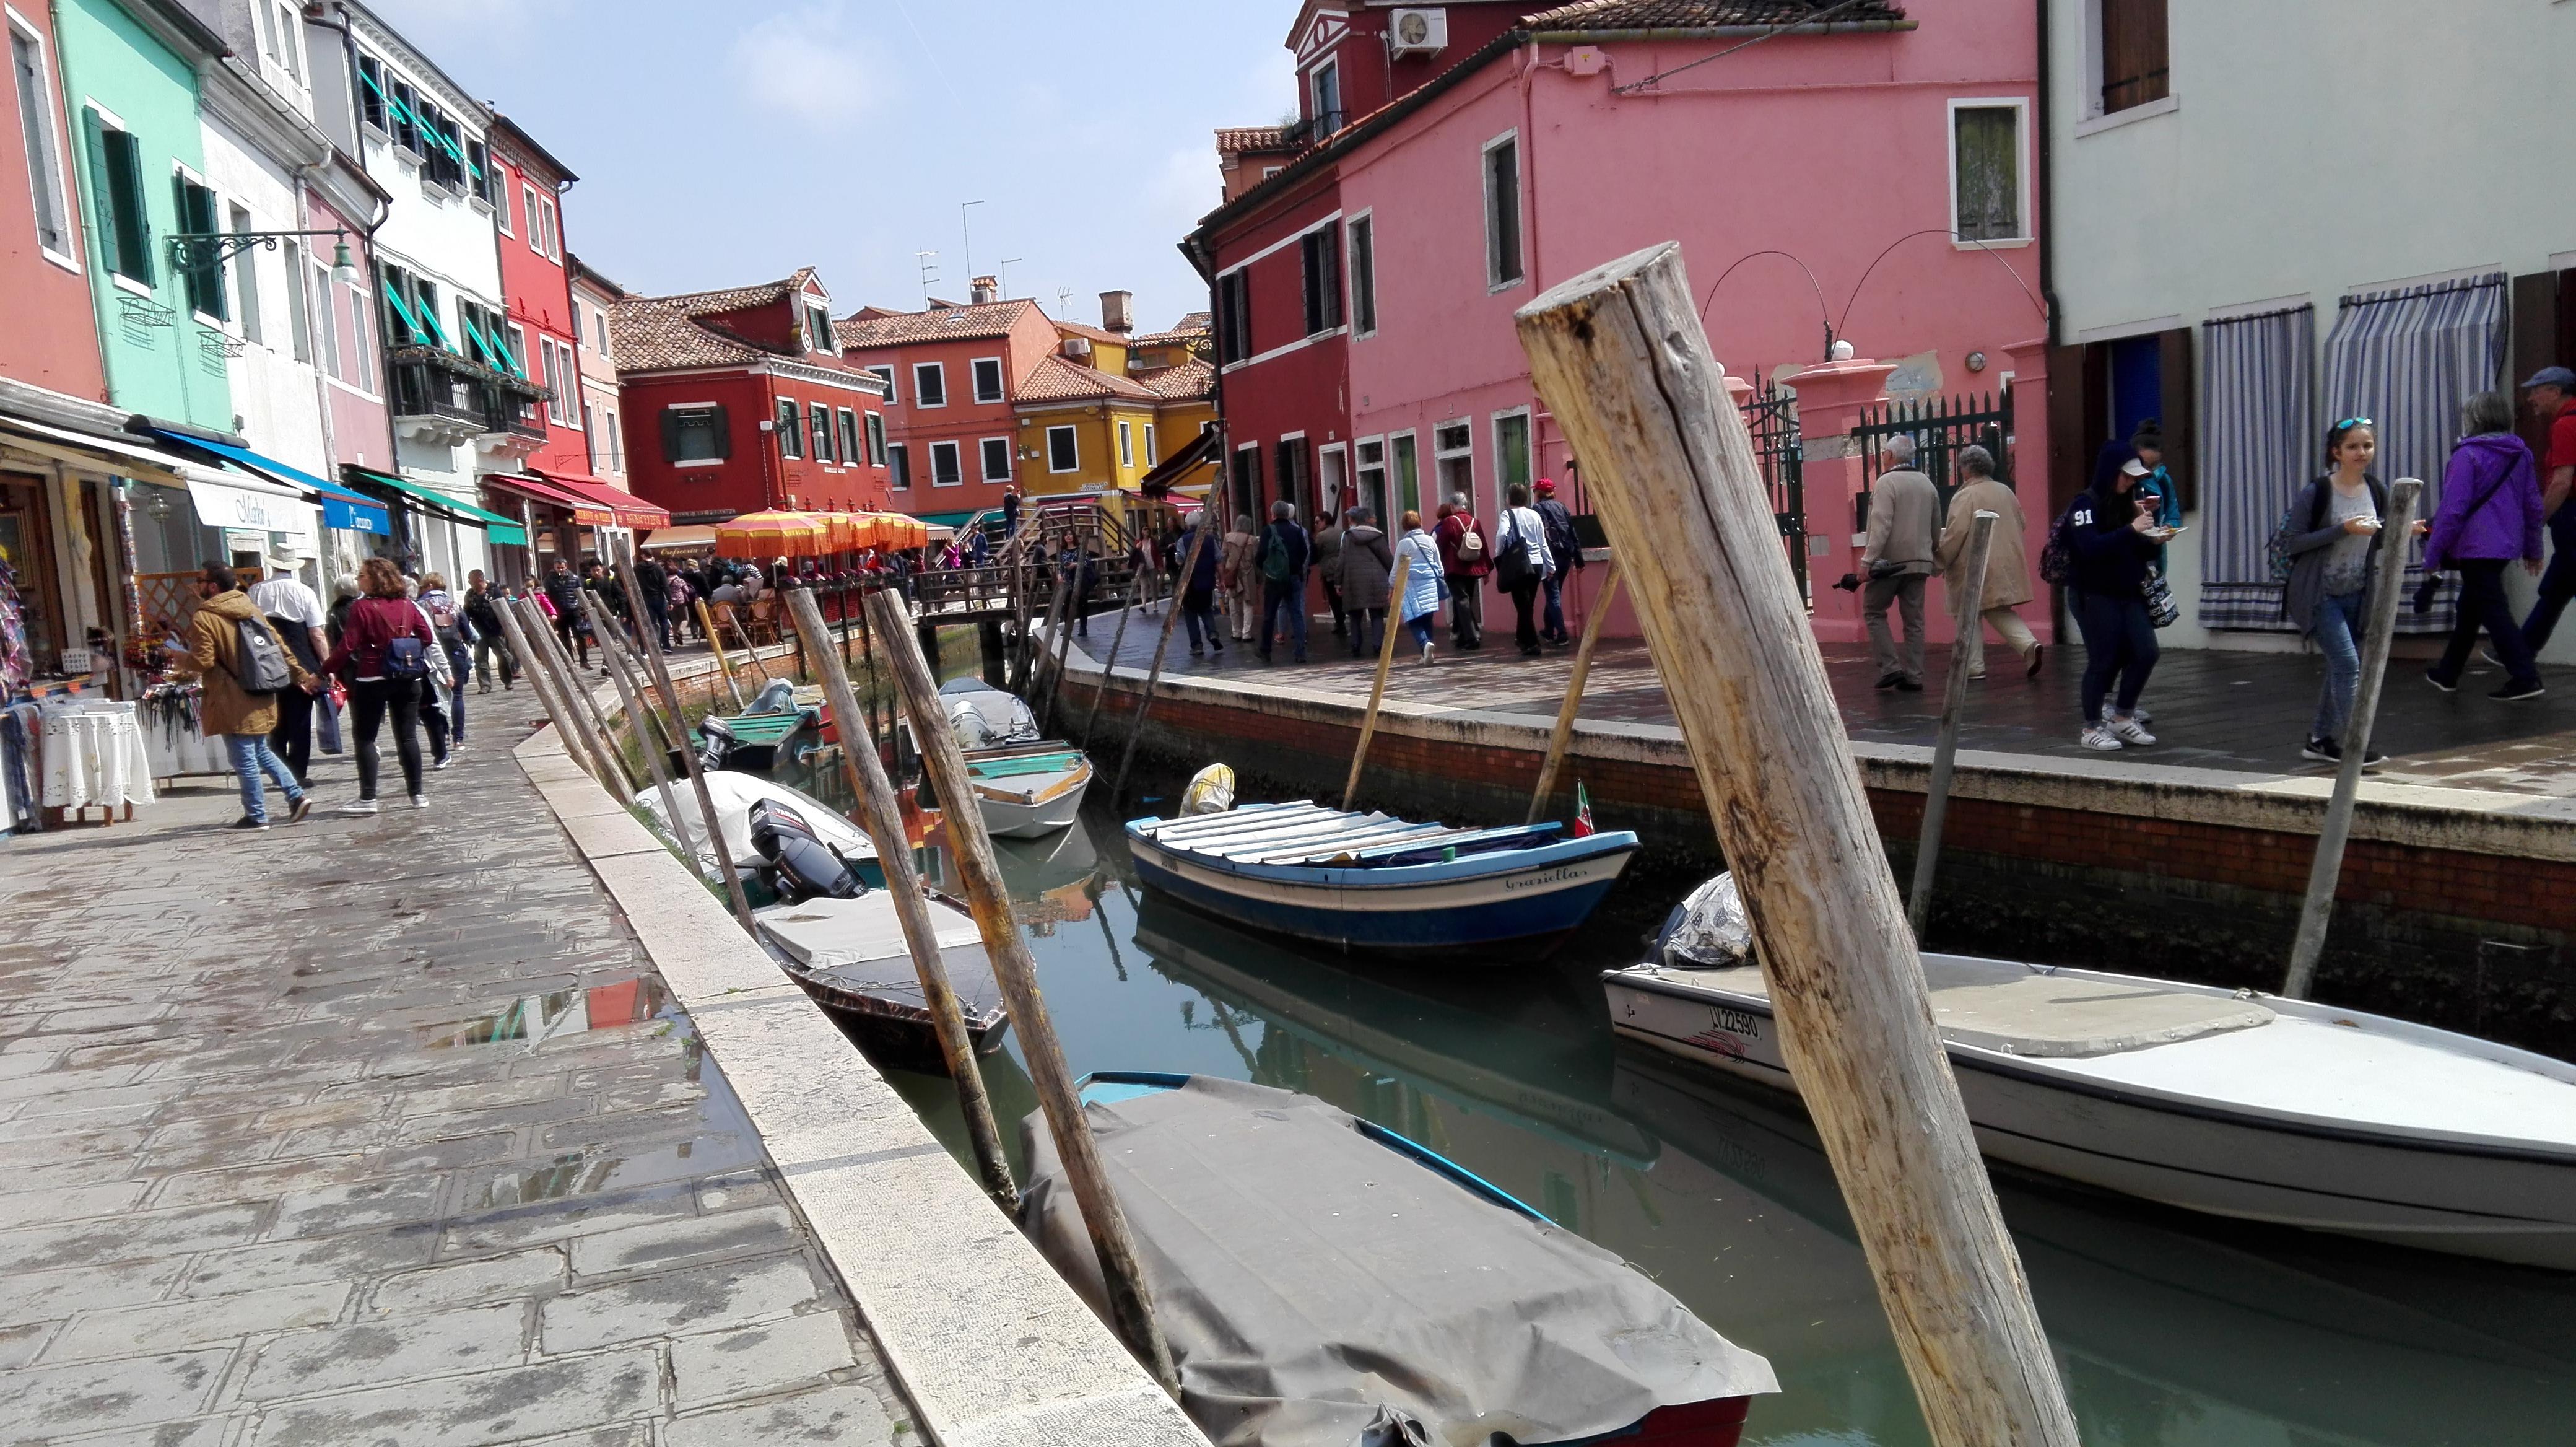 l'île des pêcheurs et ses maisons colorées